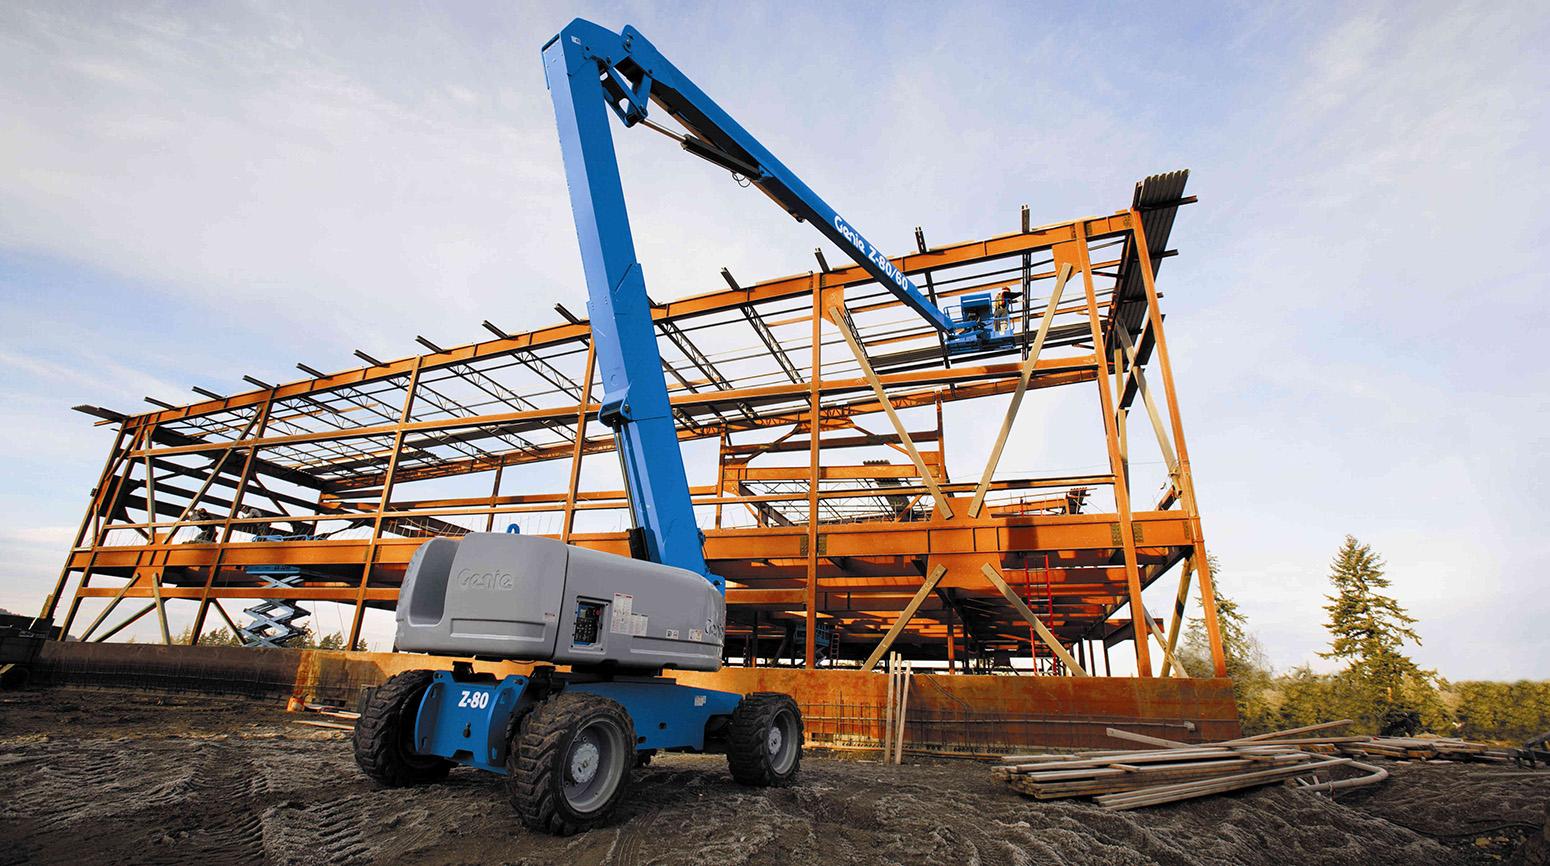 Plataformas elevatórias: segurança e produtividade no canteiro de obras - D Peso